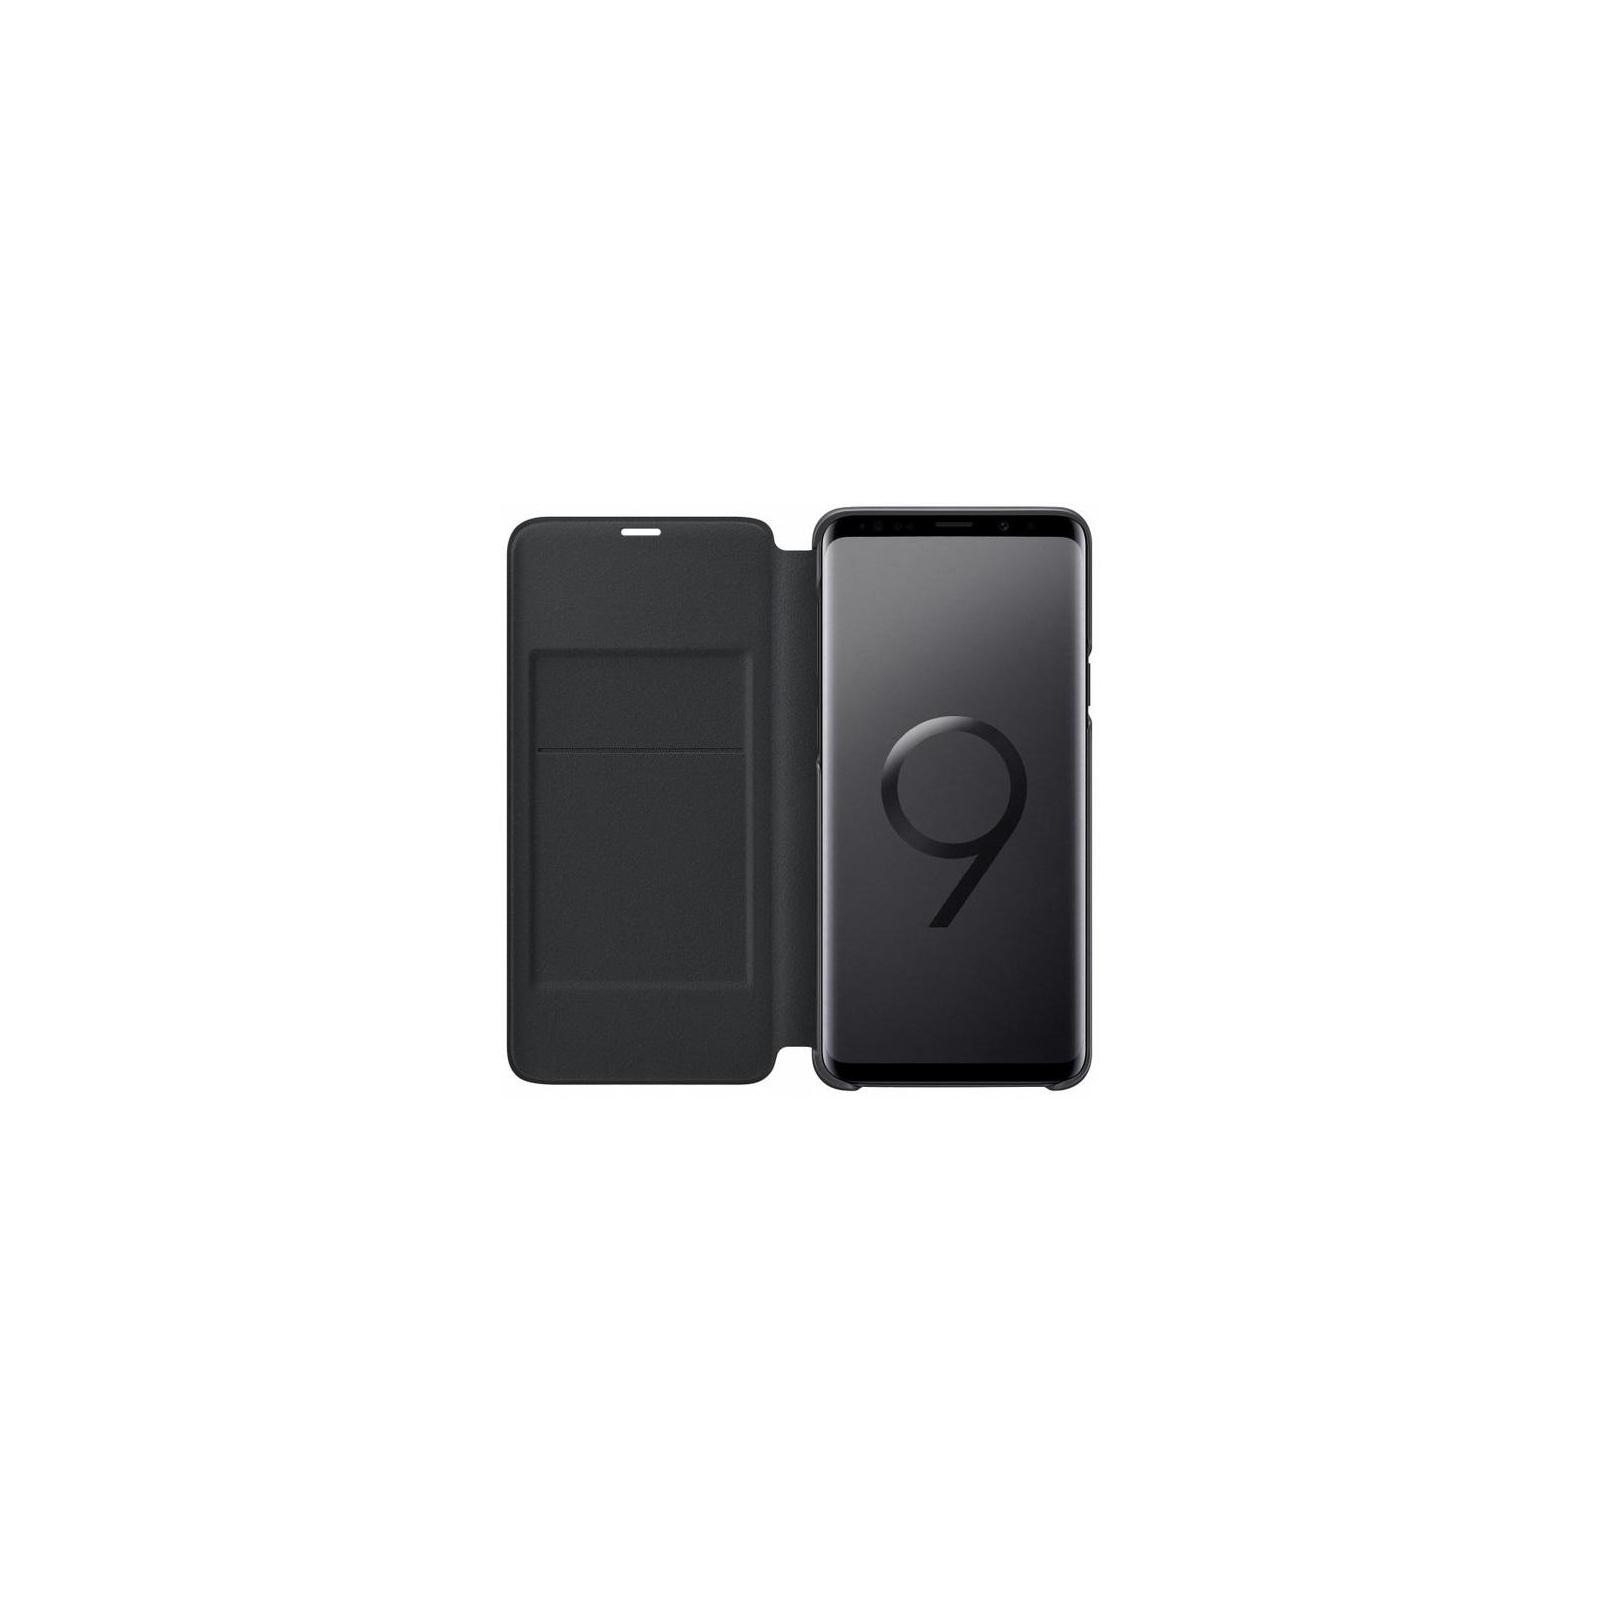 Чехол для моб. телефона Samsung для Galaxy S9+ (G965) LED View Cover Black (EF-NG965PBEGRU) изображение 3